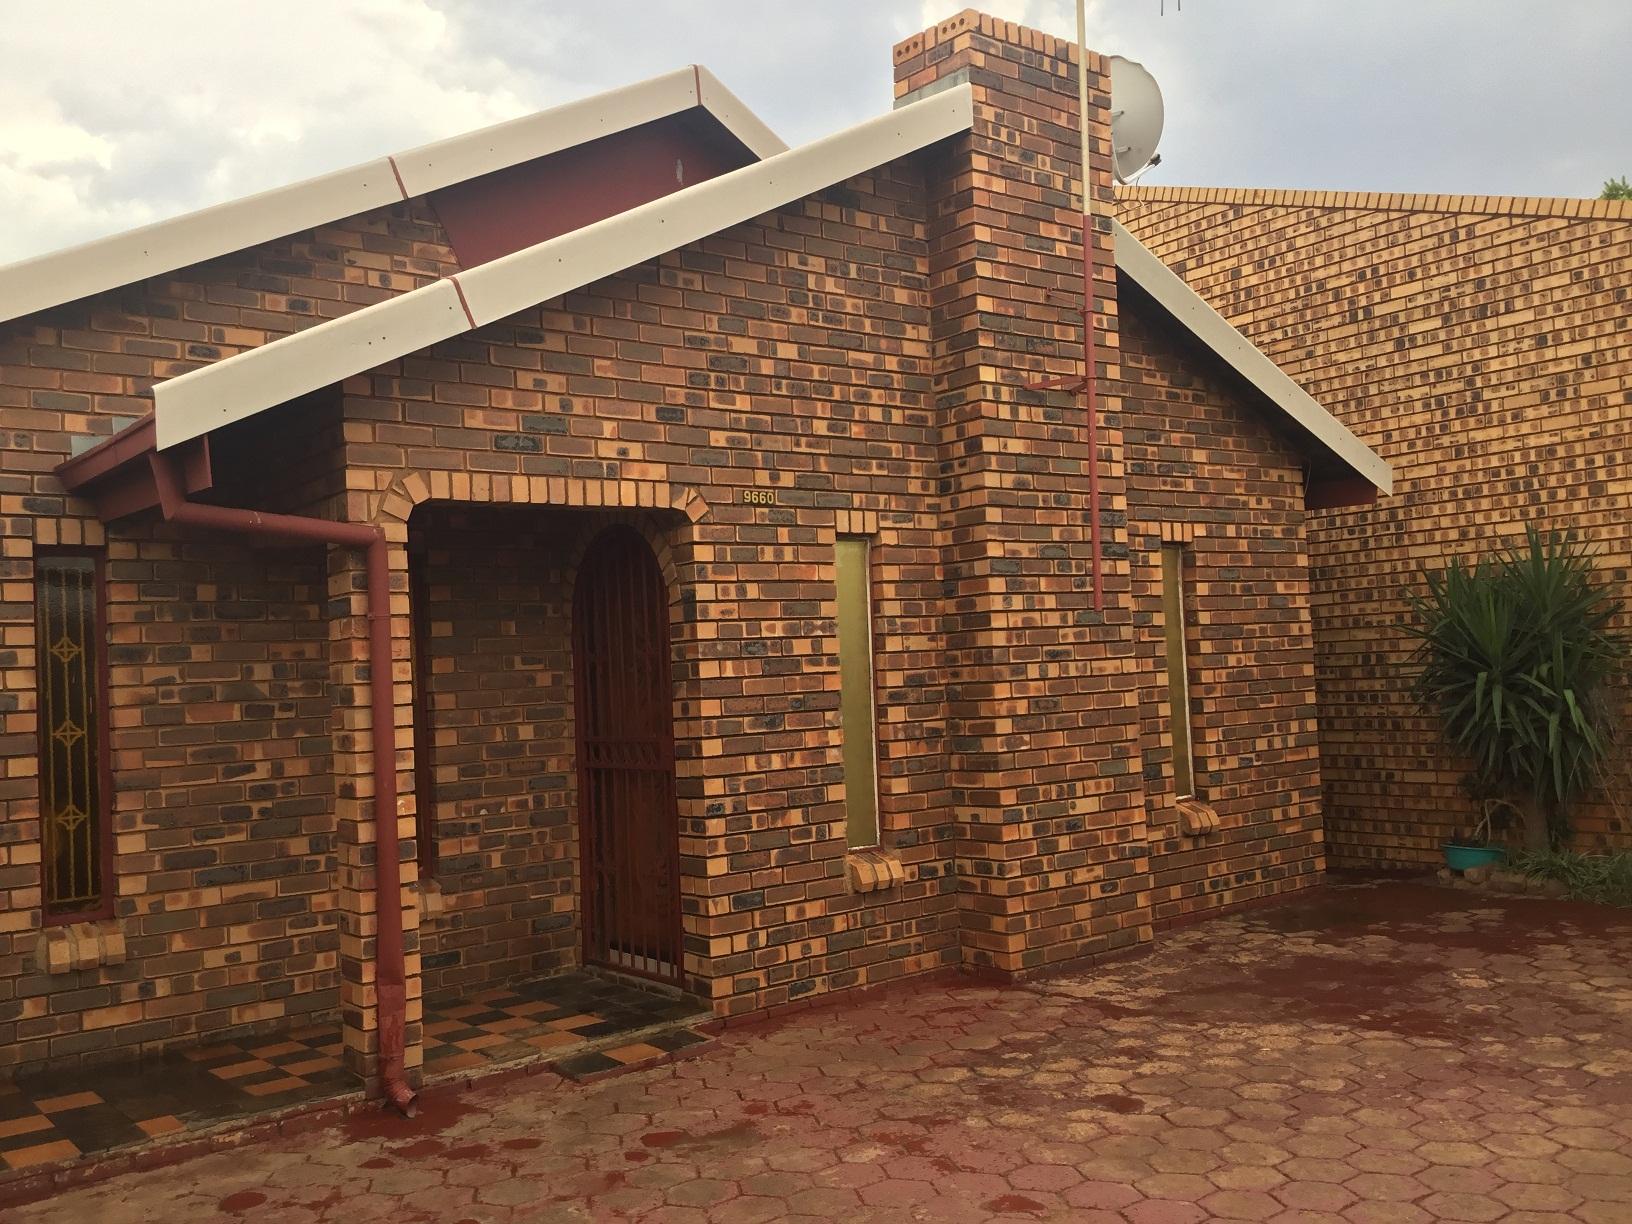 4 bedroom house in Mamelodi